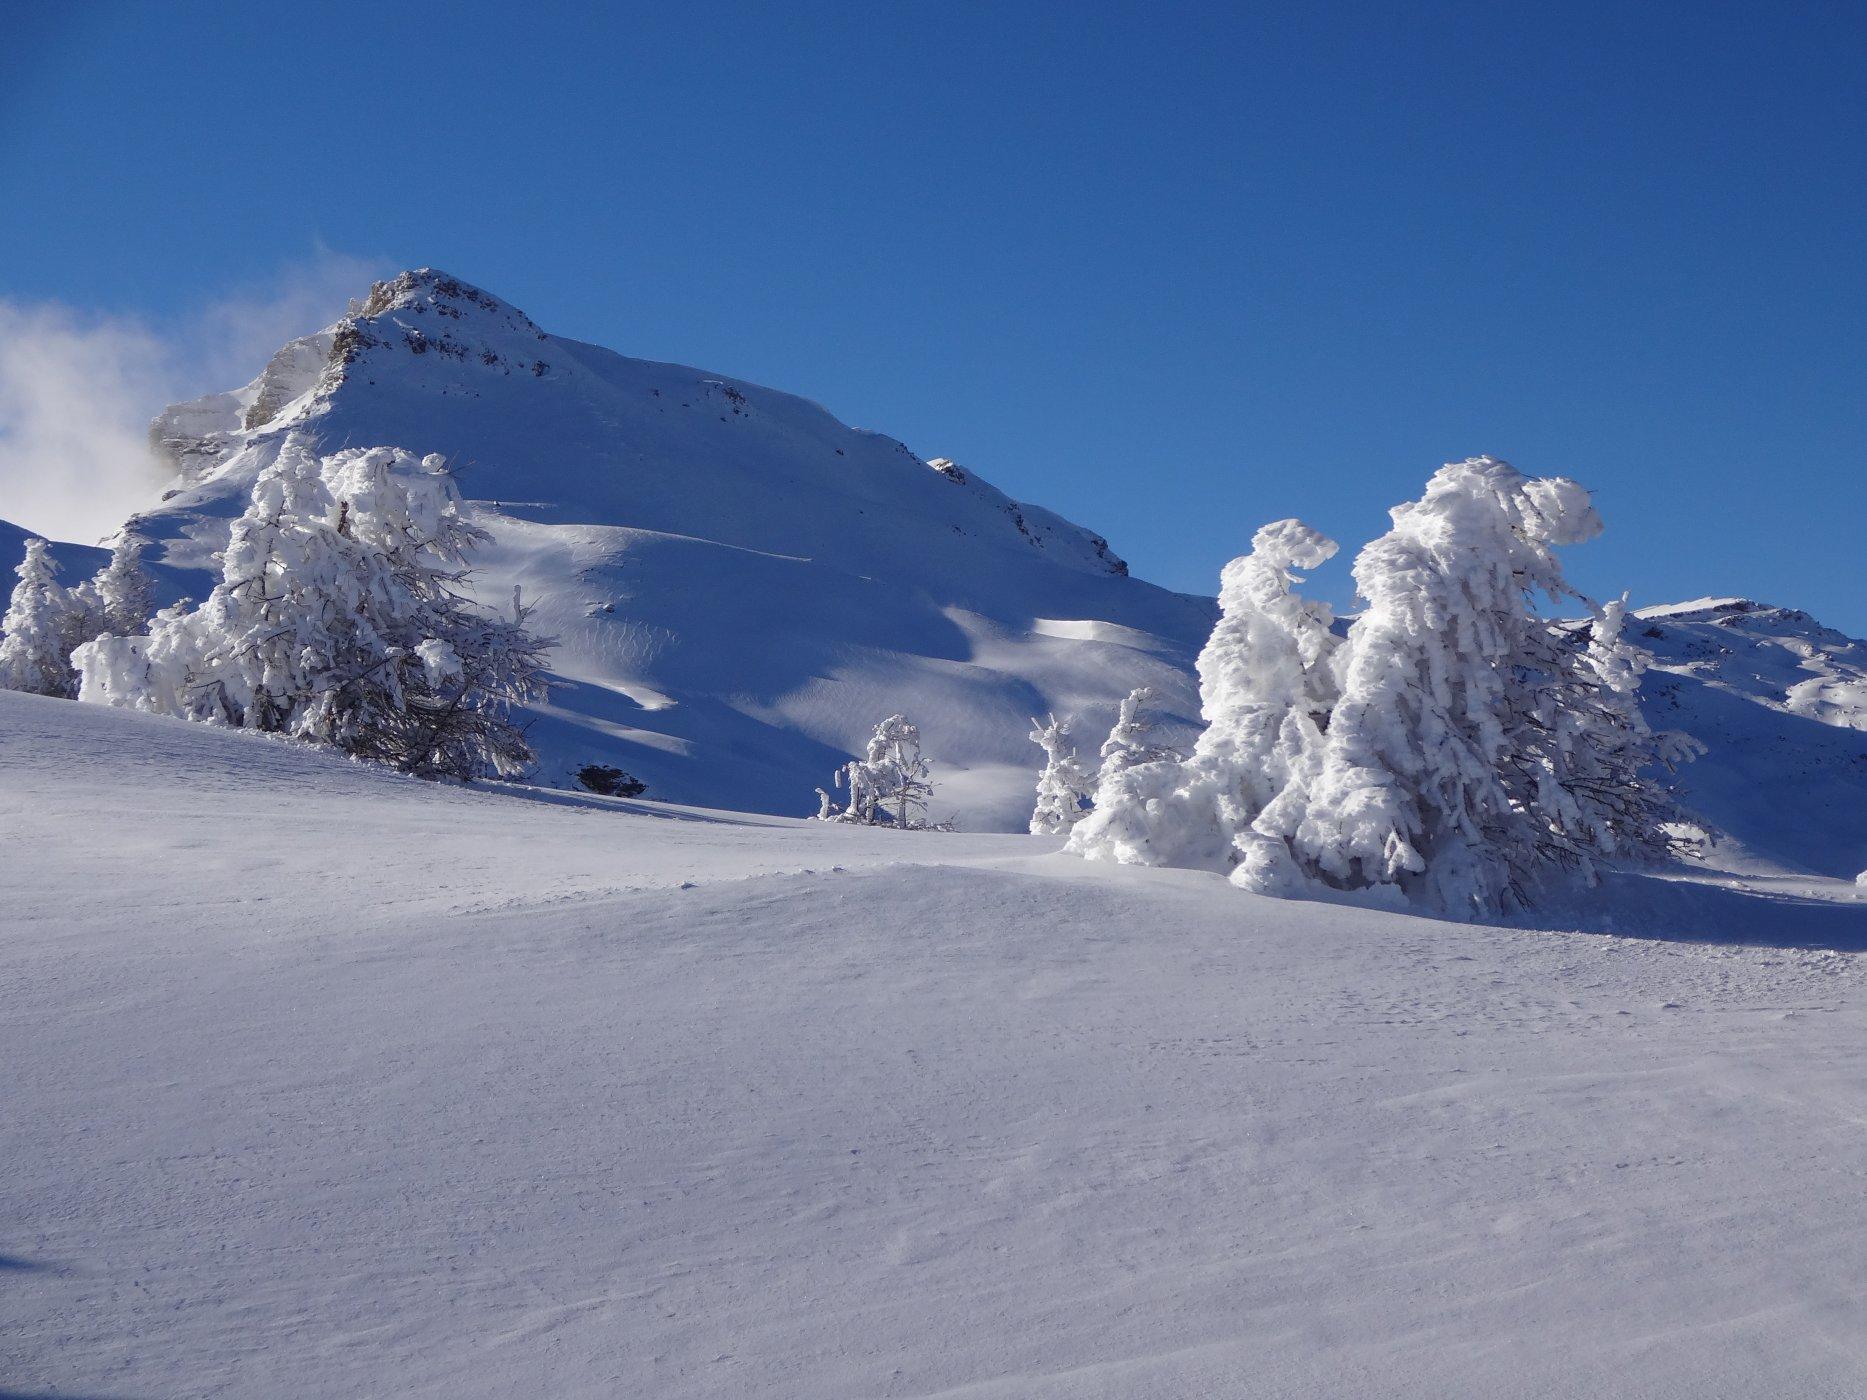 Le Pinfol (2649m) depuis la crête de la Brèche à Fouran. Cette cime peu connue est riche d'une belle variété d'itinéraires.